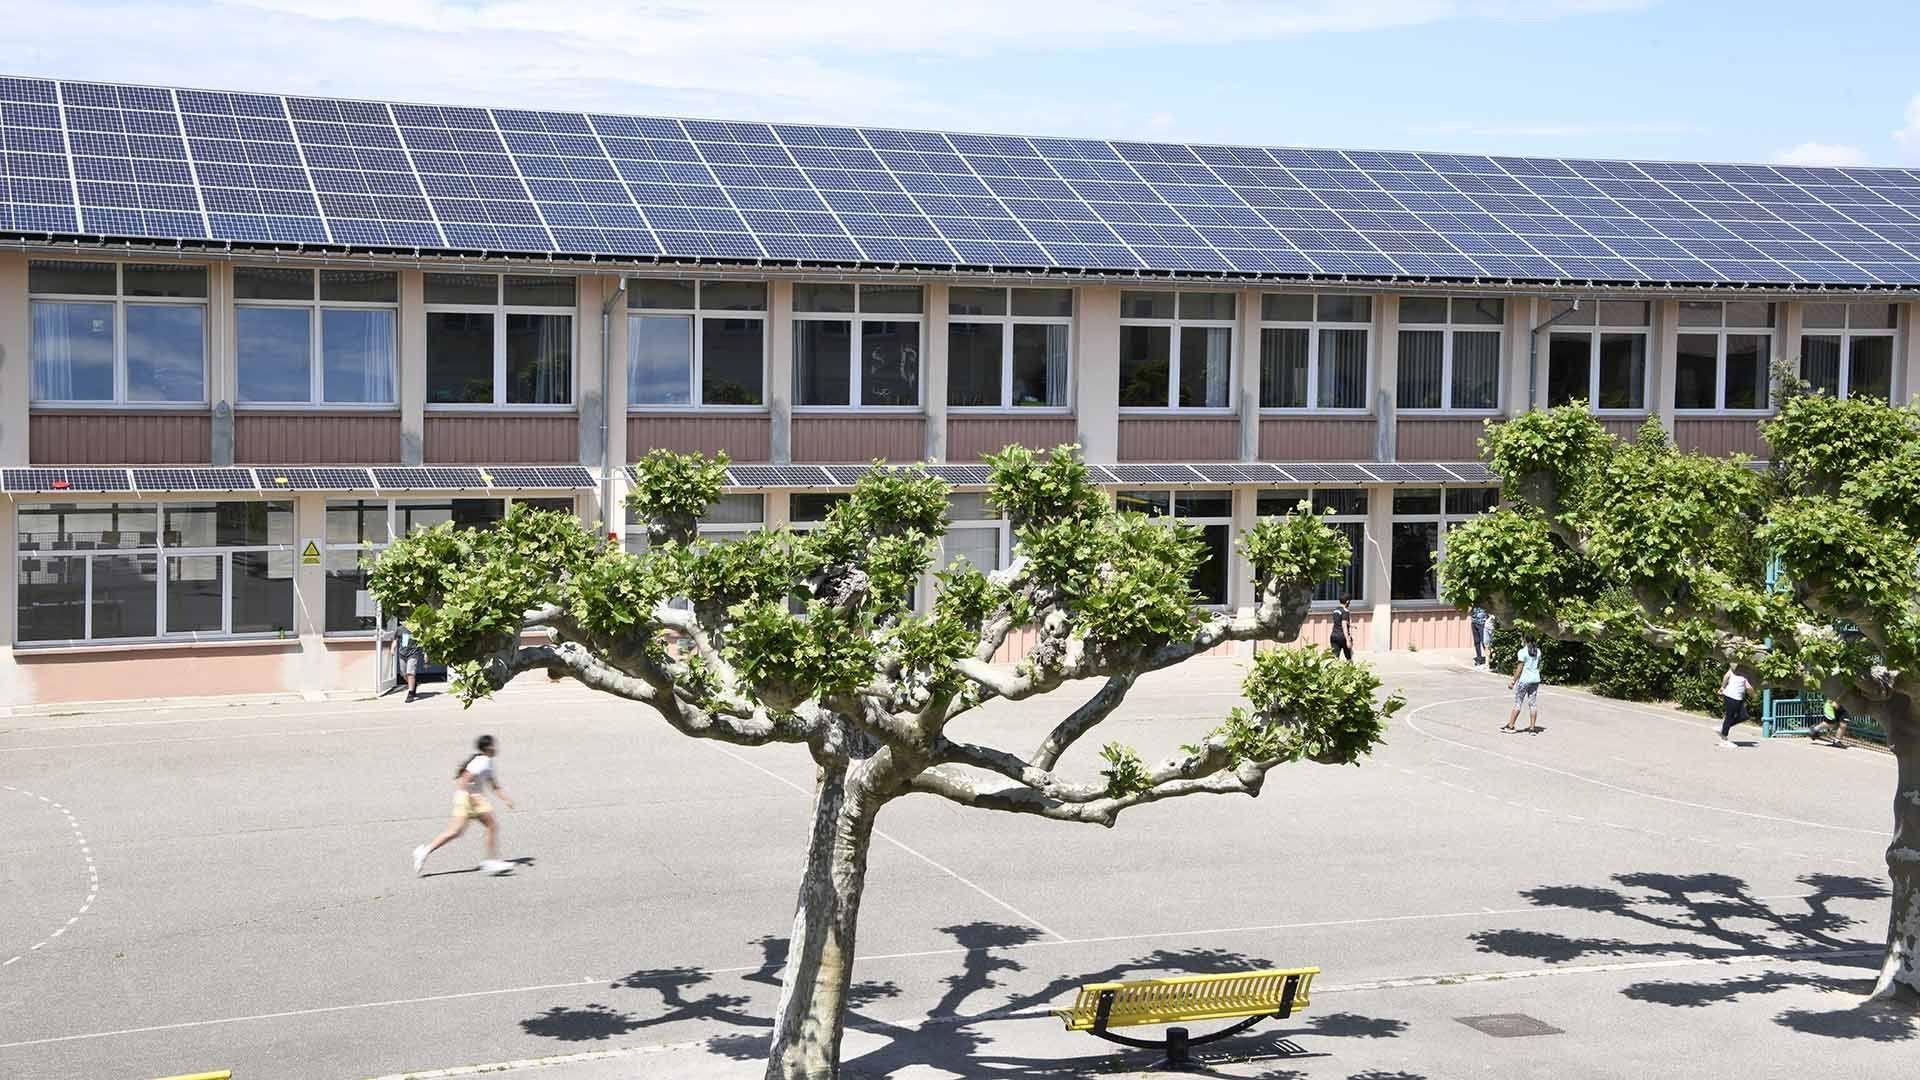 Kingersheim un toit solaire sur l'école du Centre : La centrale est en service depuis le 30 avril